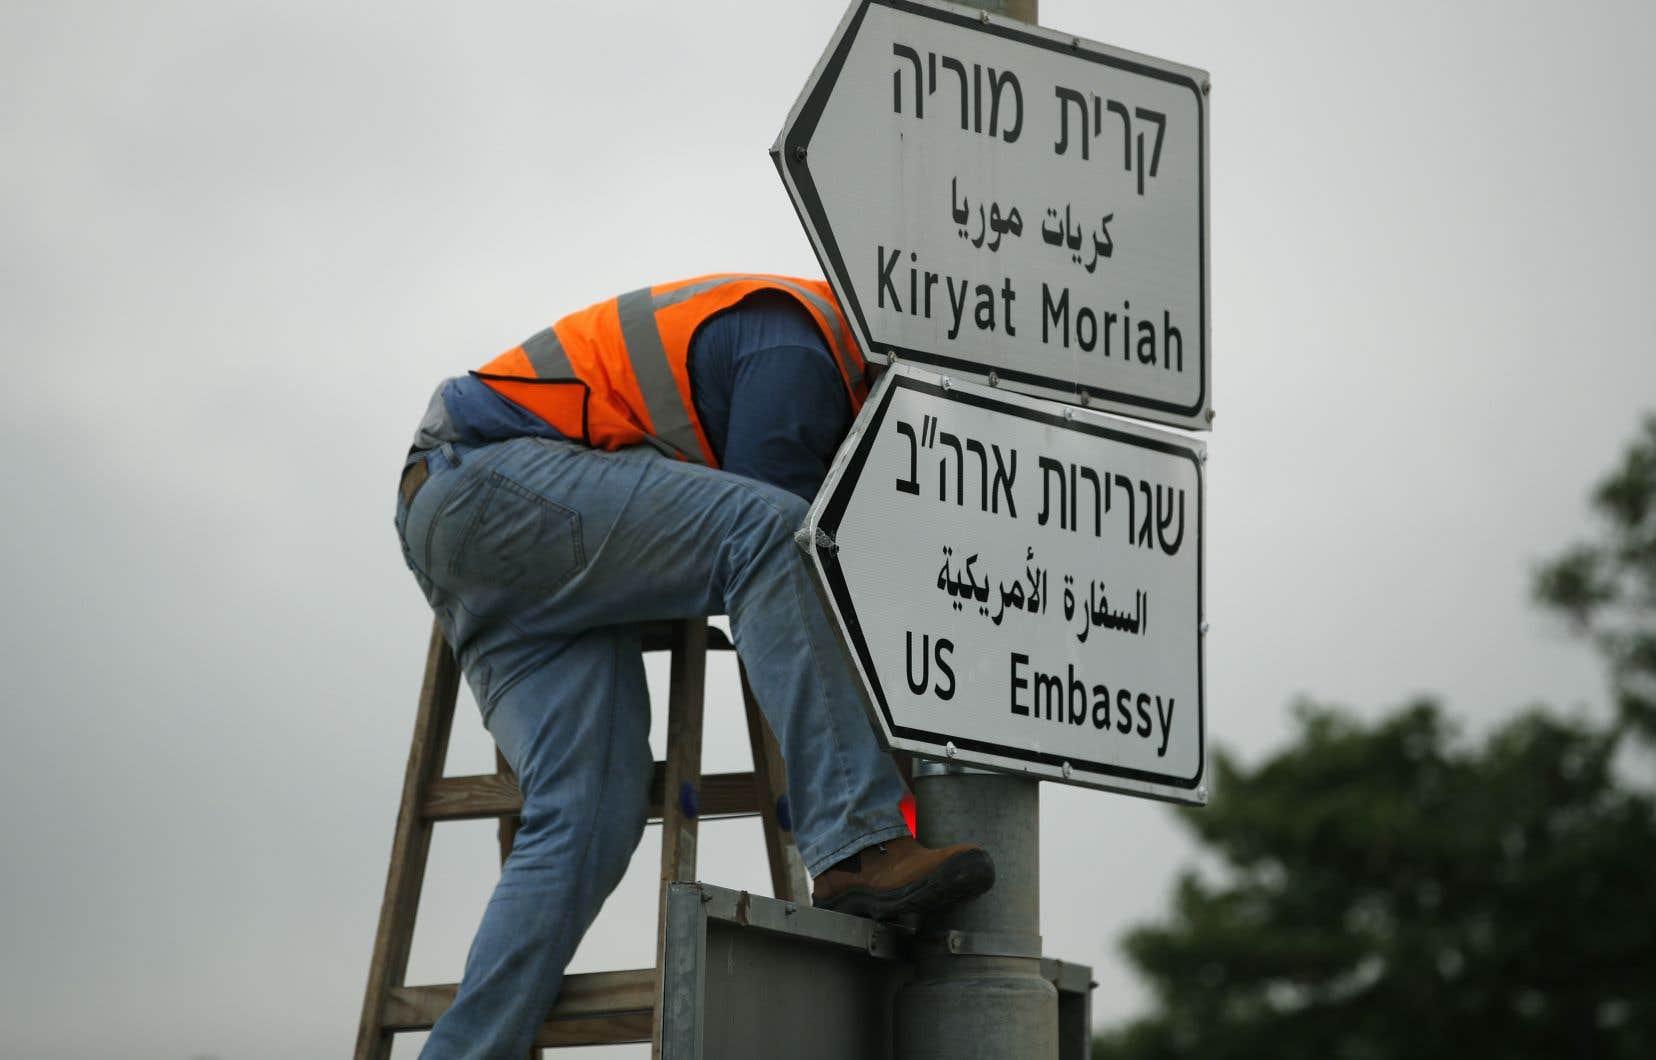 Des ouvriers ont accroché les panneaux indiquant « Ambassade des États-Unis » en hébreu, en arabe et en anglais.